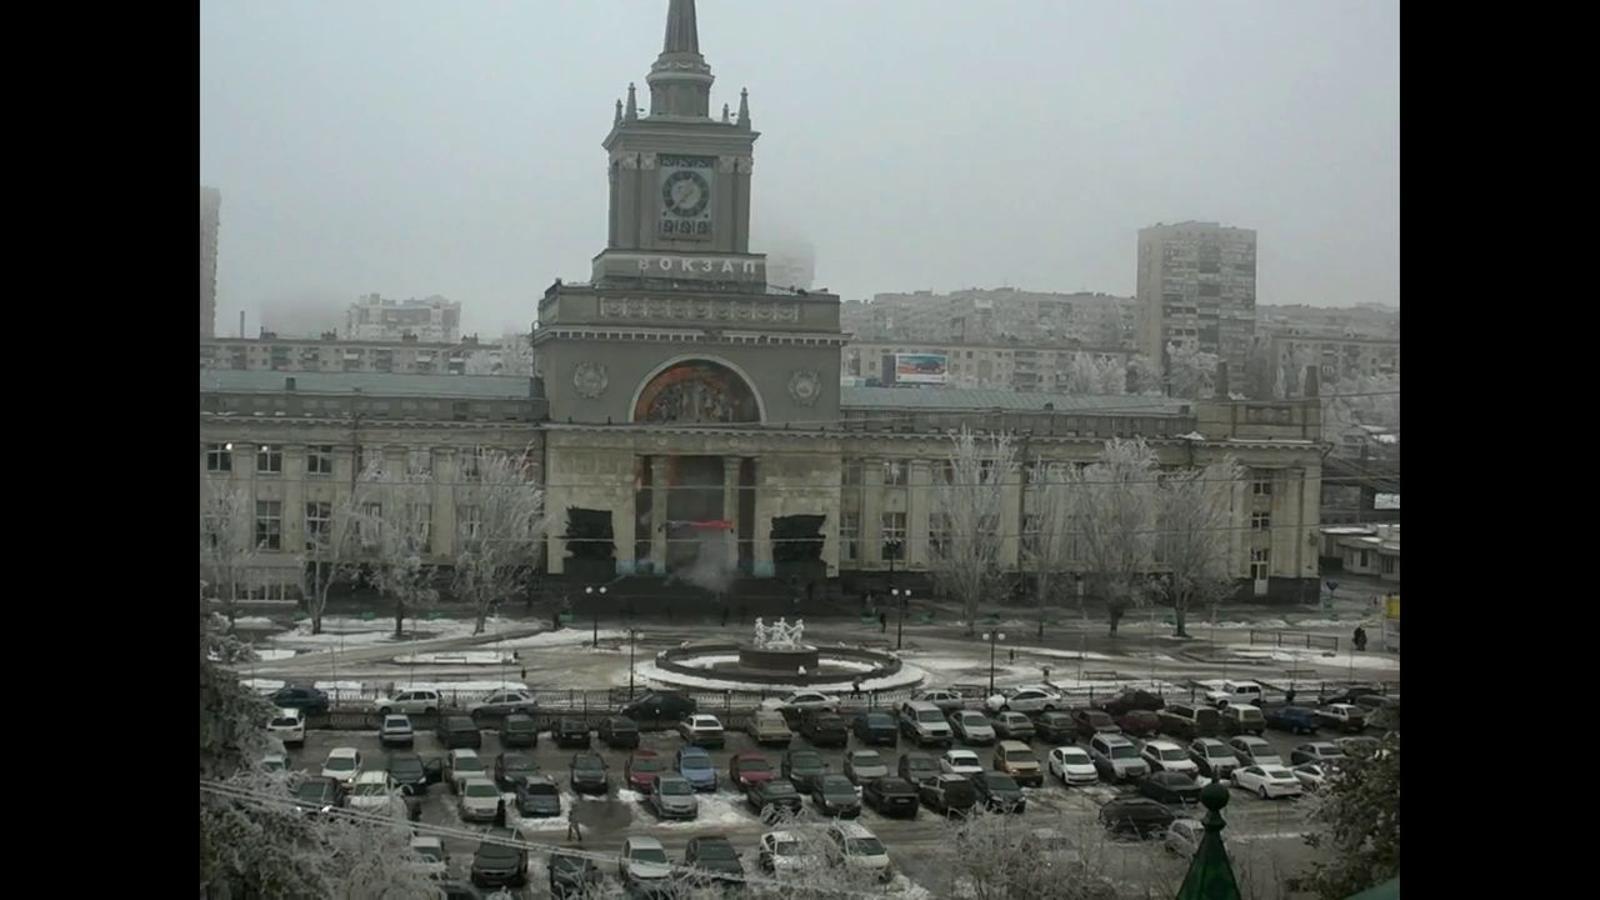 Atemptat suïcida a l'estació de tren de Volgograd